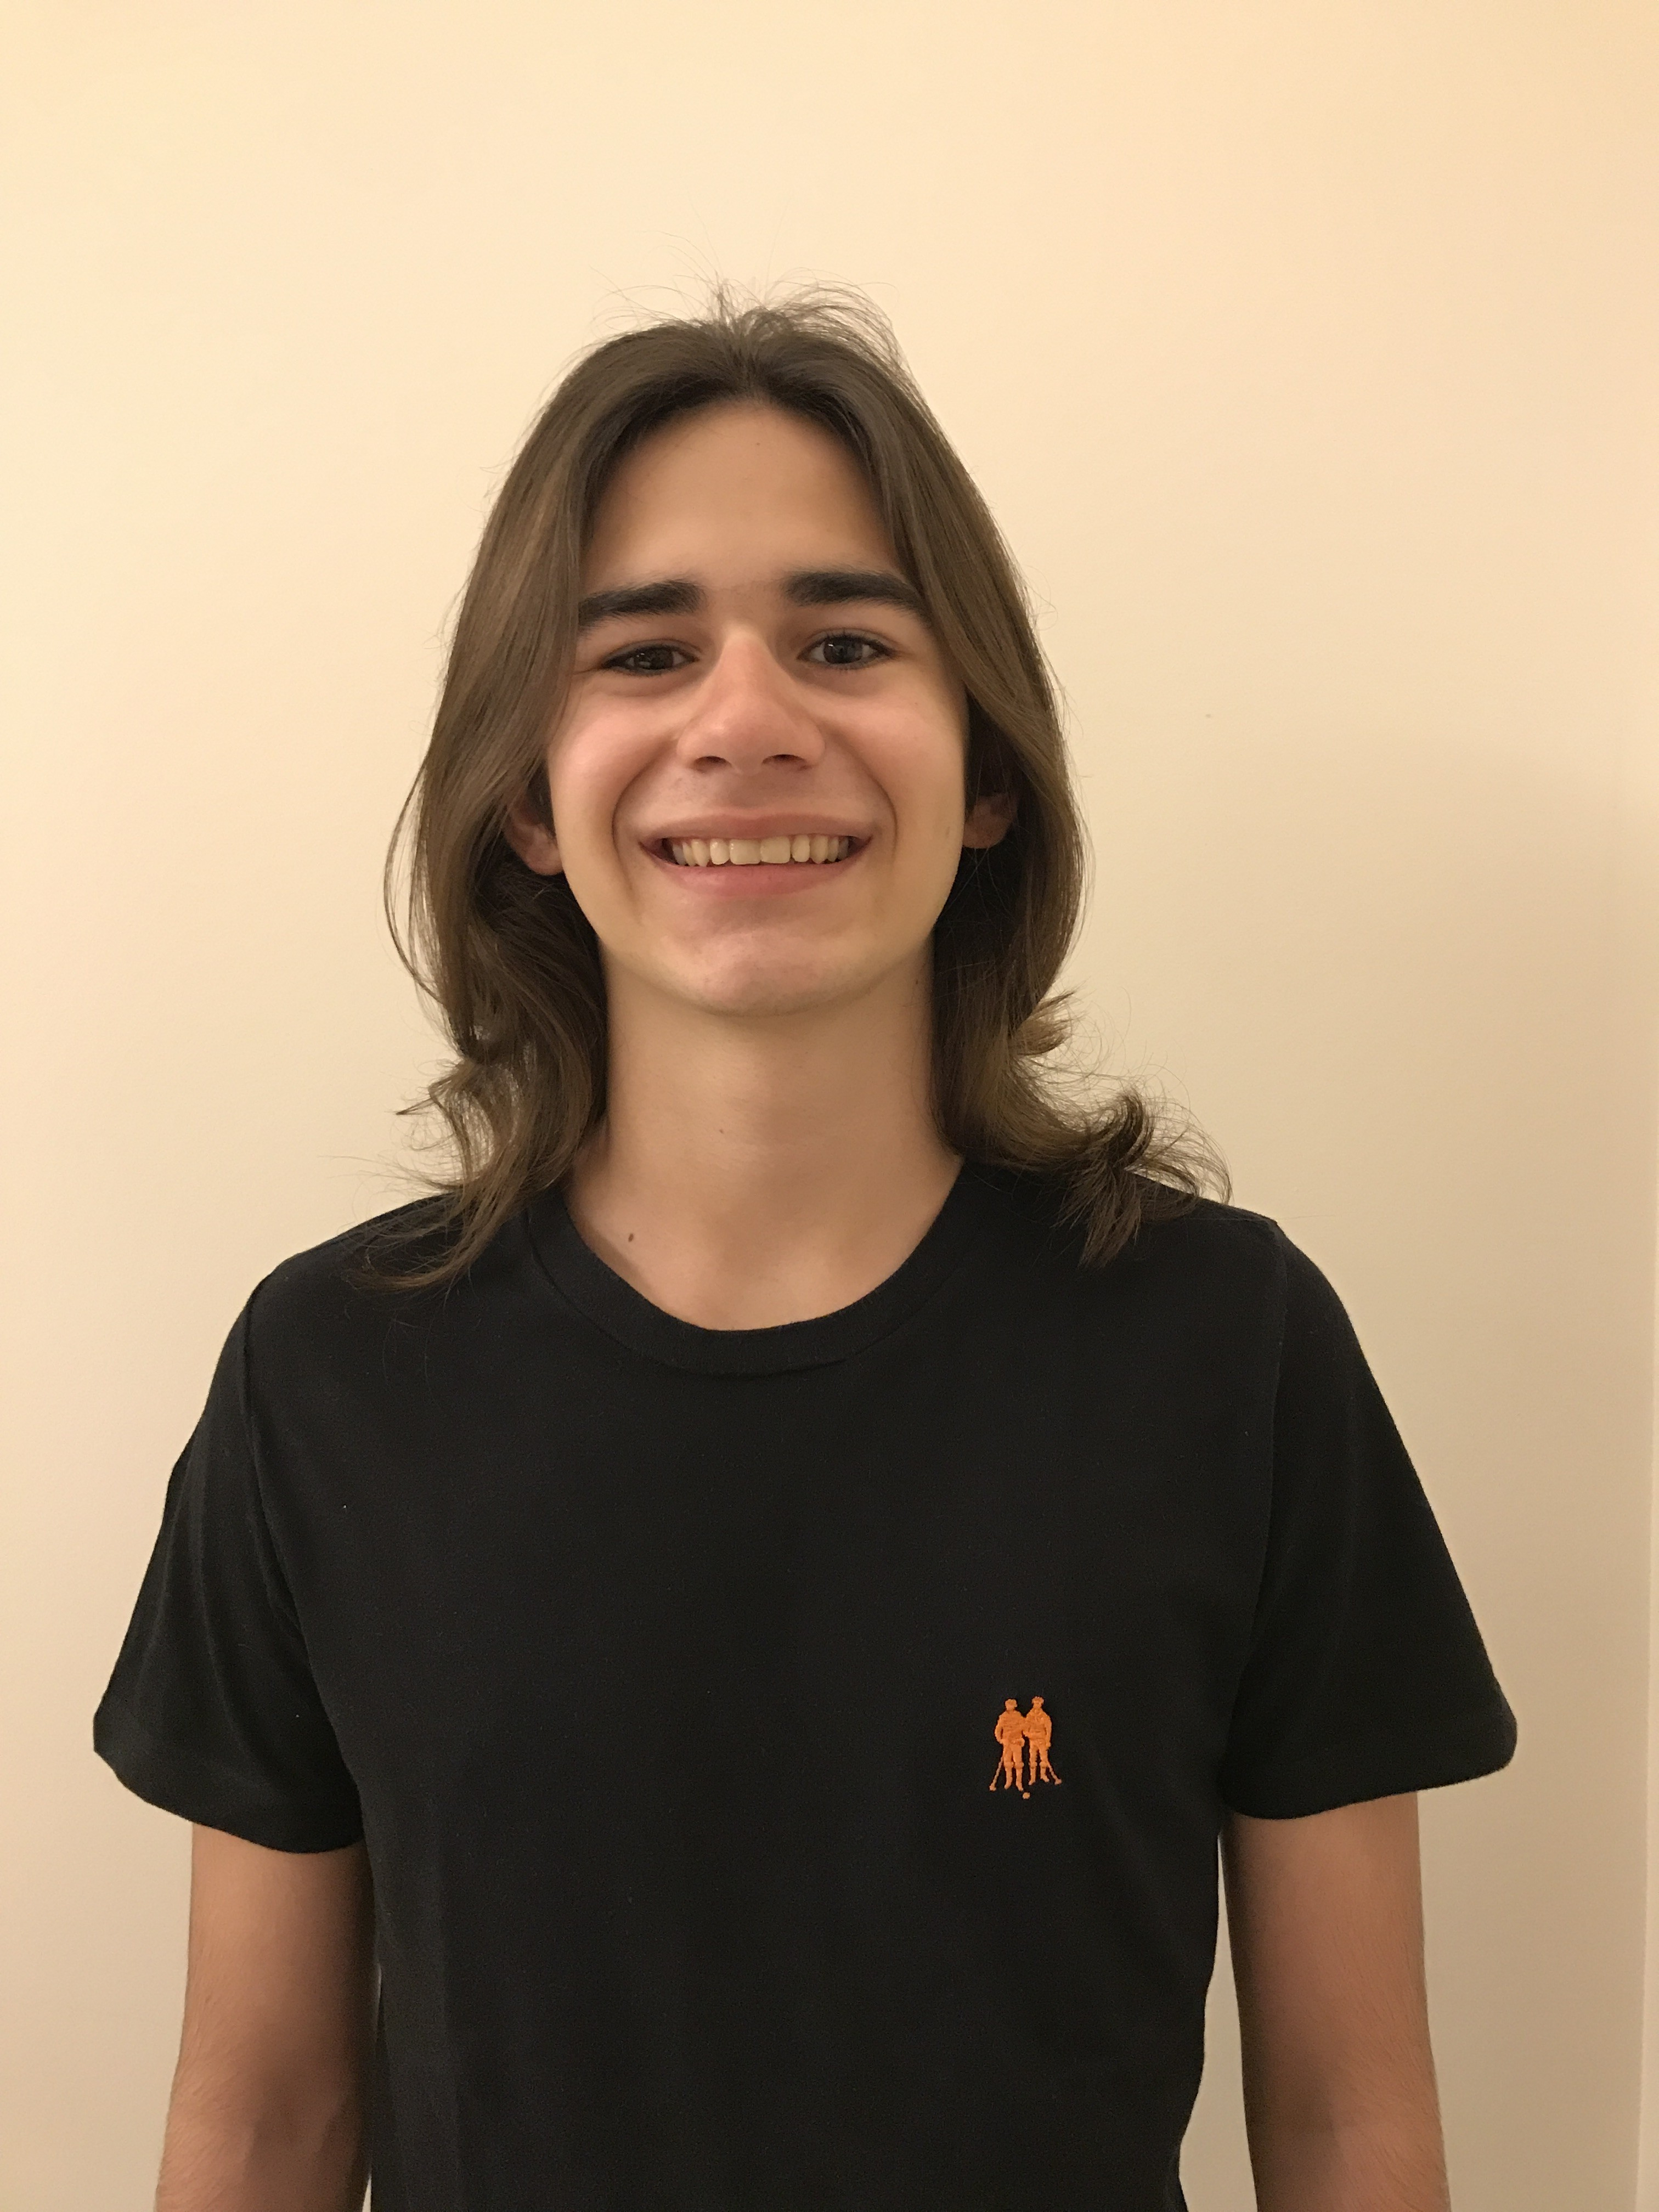 Fernando Ribeiro de Senna - tem 17 anos, é de Jundiaí (SP) e cursa o 3º ano do ensino médio no colégio Leonardo Da Vinci (Foto: divulgação)